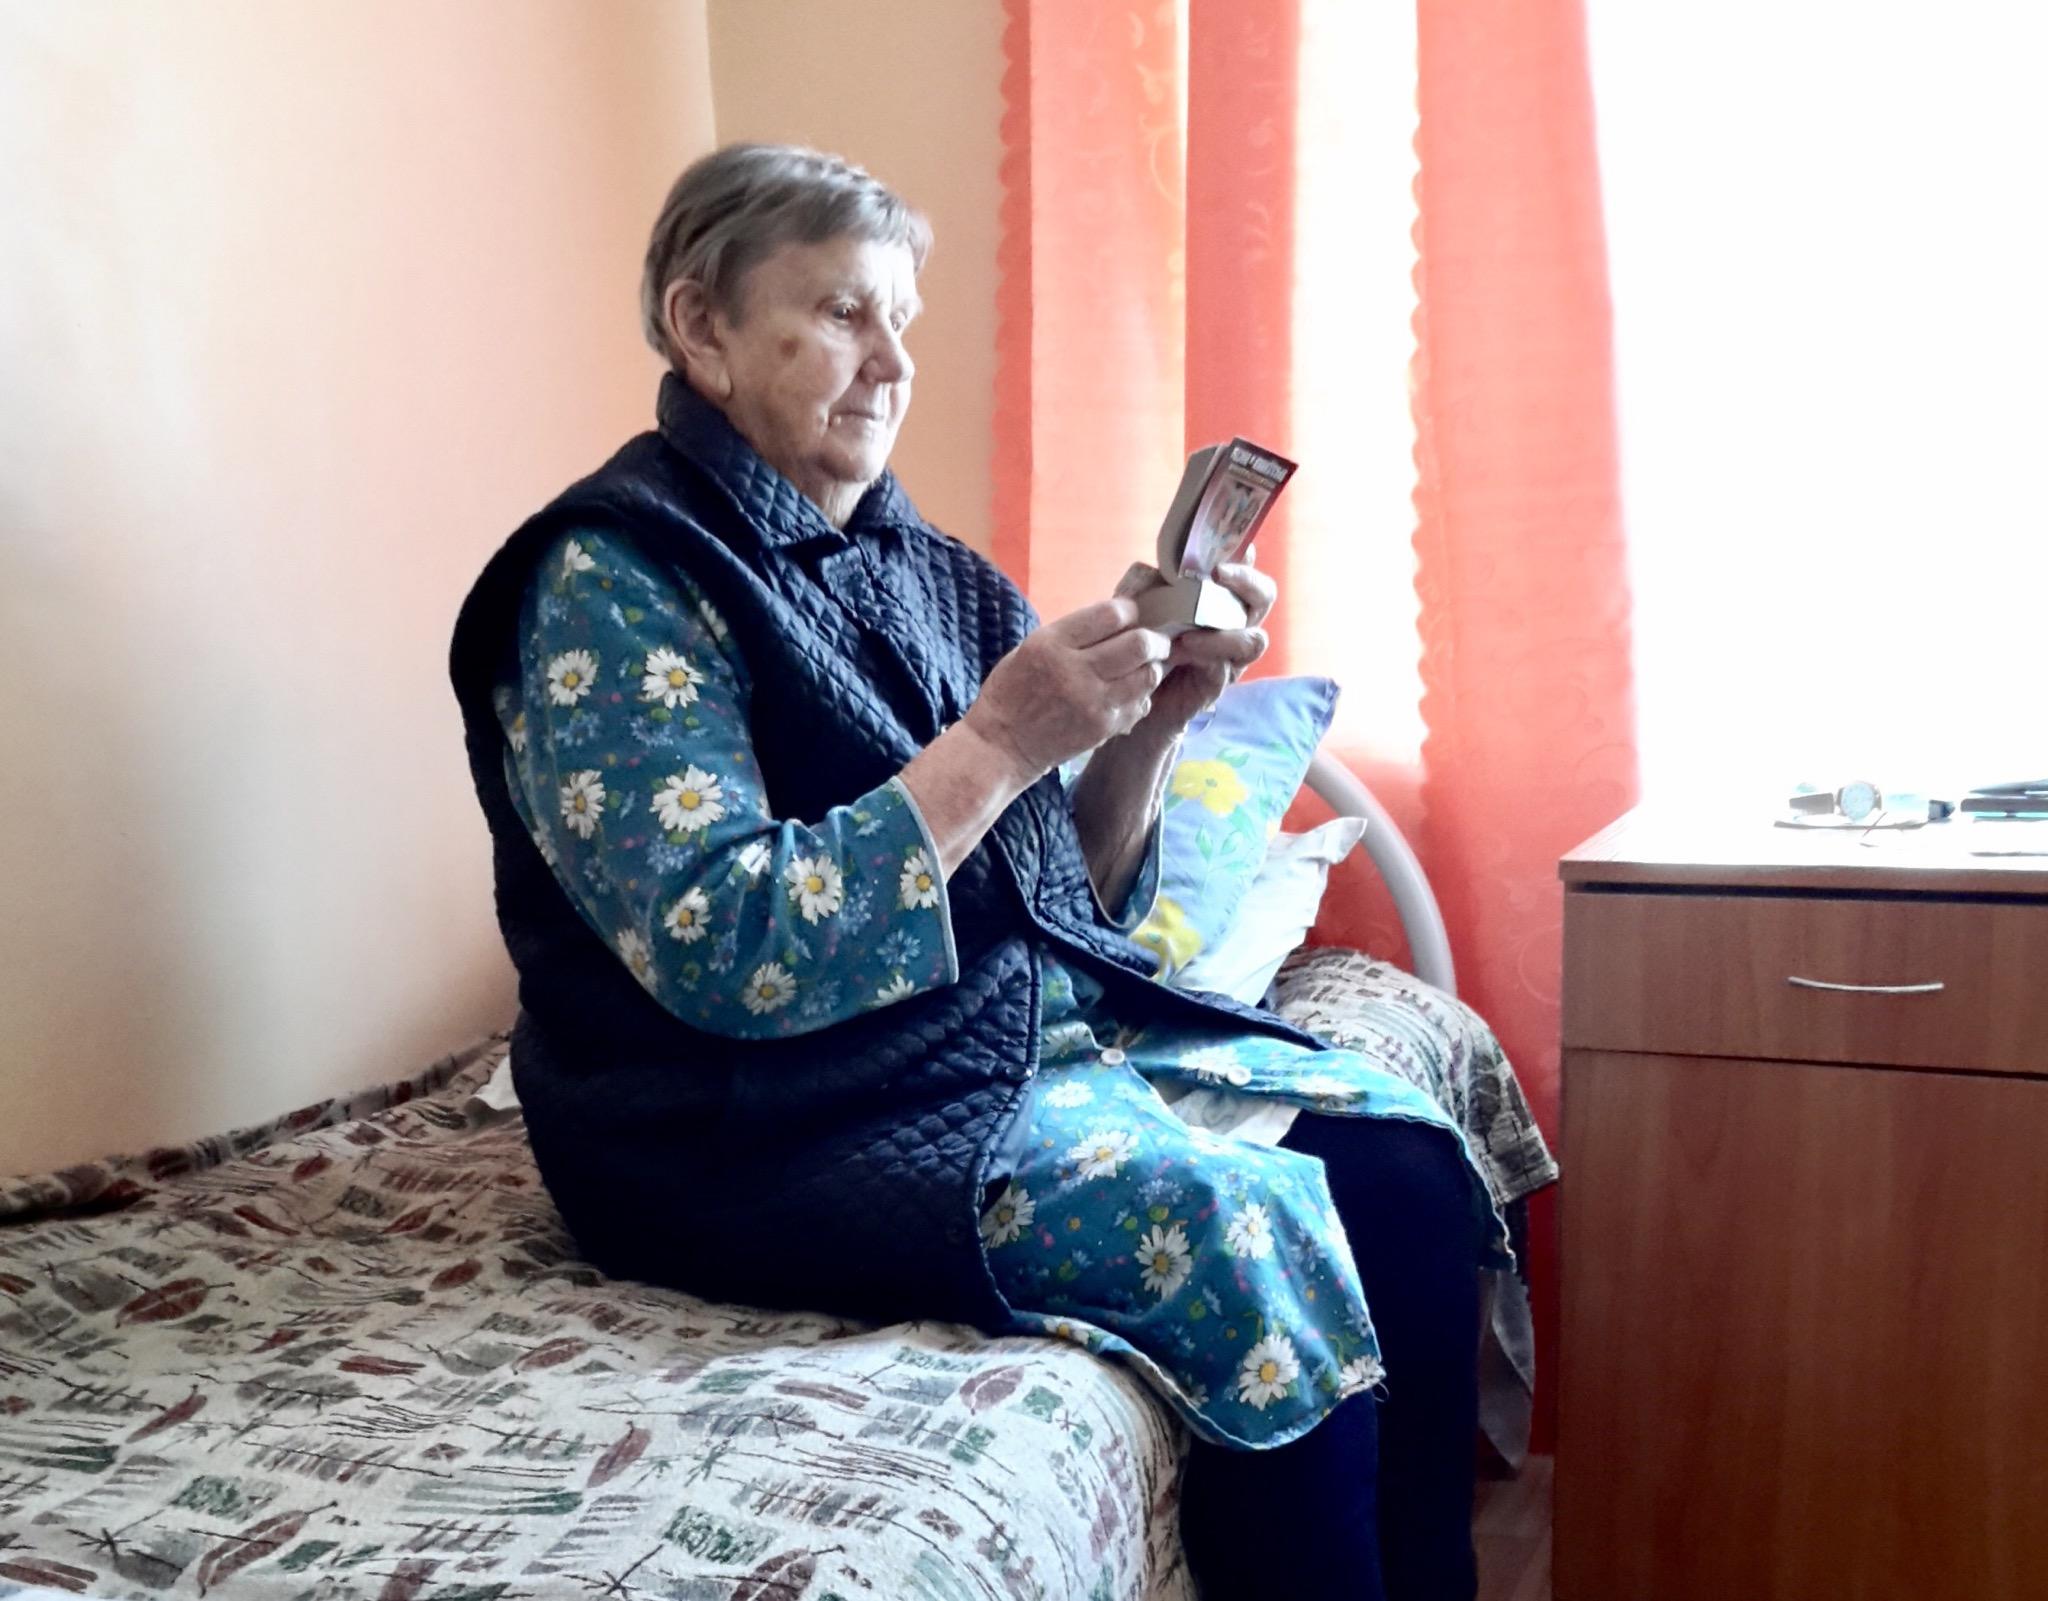 Благотворительная помощь дому престарелых эссе диетсестры в домах престарелых